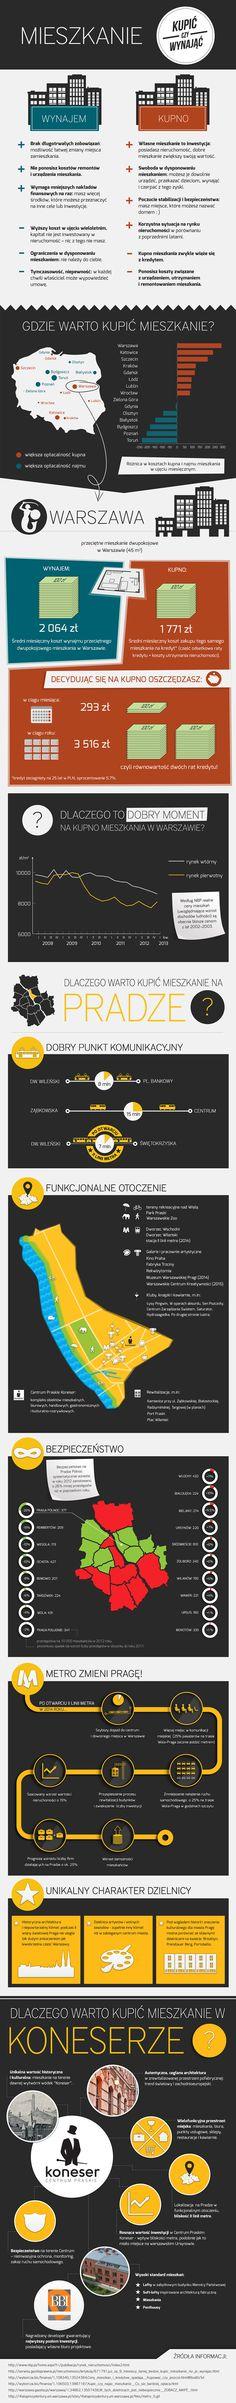 Infografika. Mieszkanie: kupić czy wynająć? Gdzie warto kupić mieszkanie? Dlaczego warto kupić mieszkanie na Pradze? Dlaczego warto kupić mieszkanie w Koneserze? #Warszawa #Warsaw #Polska #Poland #infographic #buy #rent